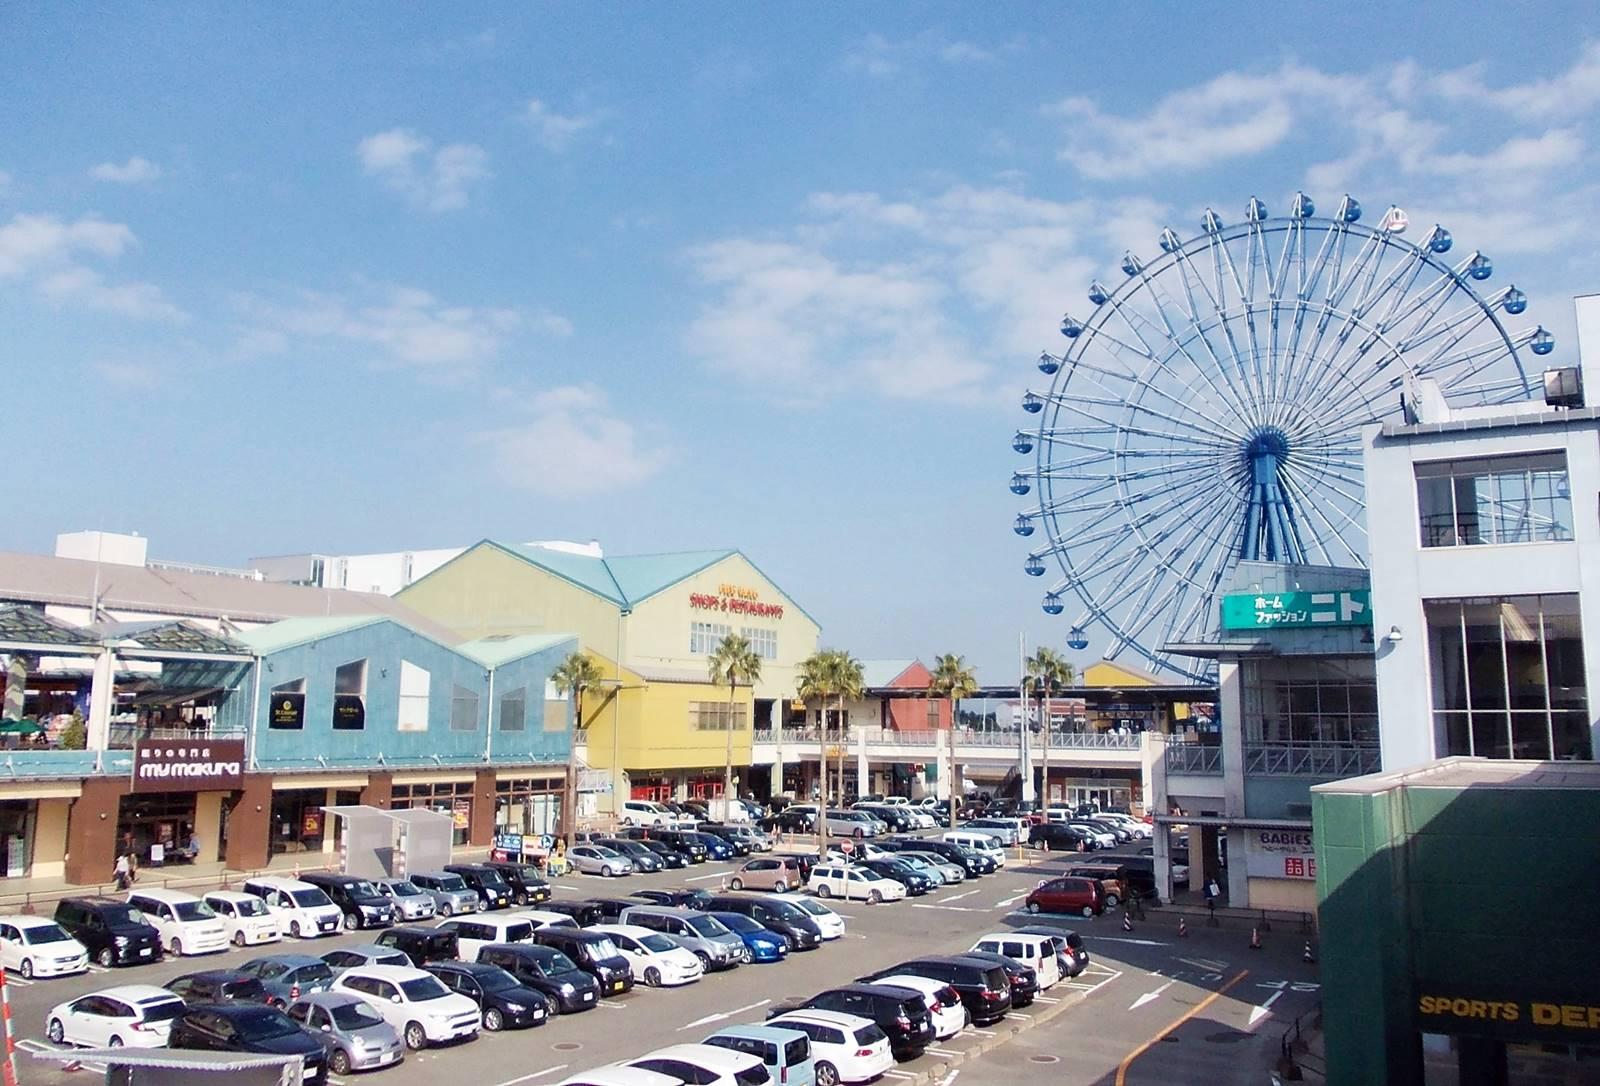 福岡-景點-推薦-海購城-福岡好玩景點-福岡必玩景點-福岡必去景點-福岡自由行景點-攻略-市區-郊區-旅遊-行程-Fukuoka-Tourist-Attraction